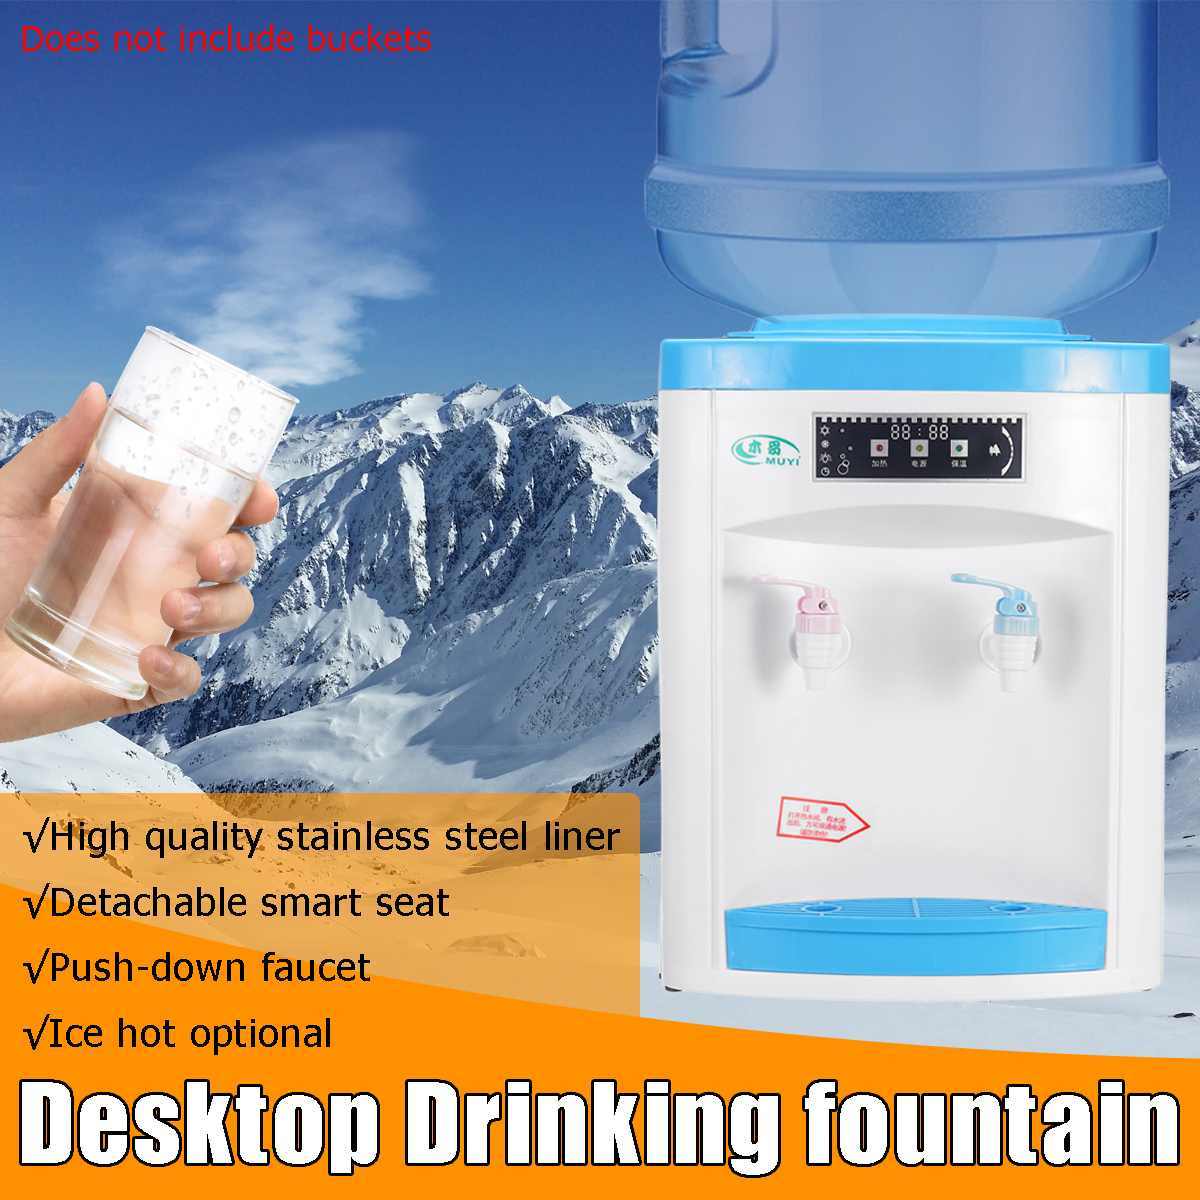 Desktop Water Cooler Dispenser Water Filter Hot/Cold 220V 550W Removable Water Storage Drink Machine Light indicator 3 mode